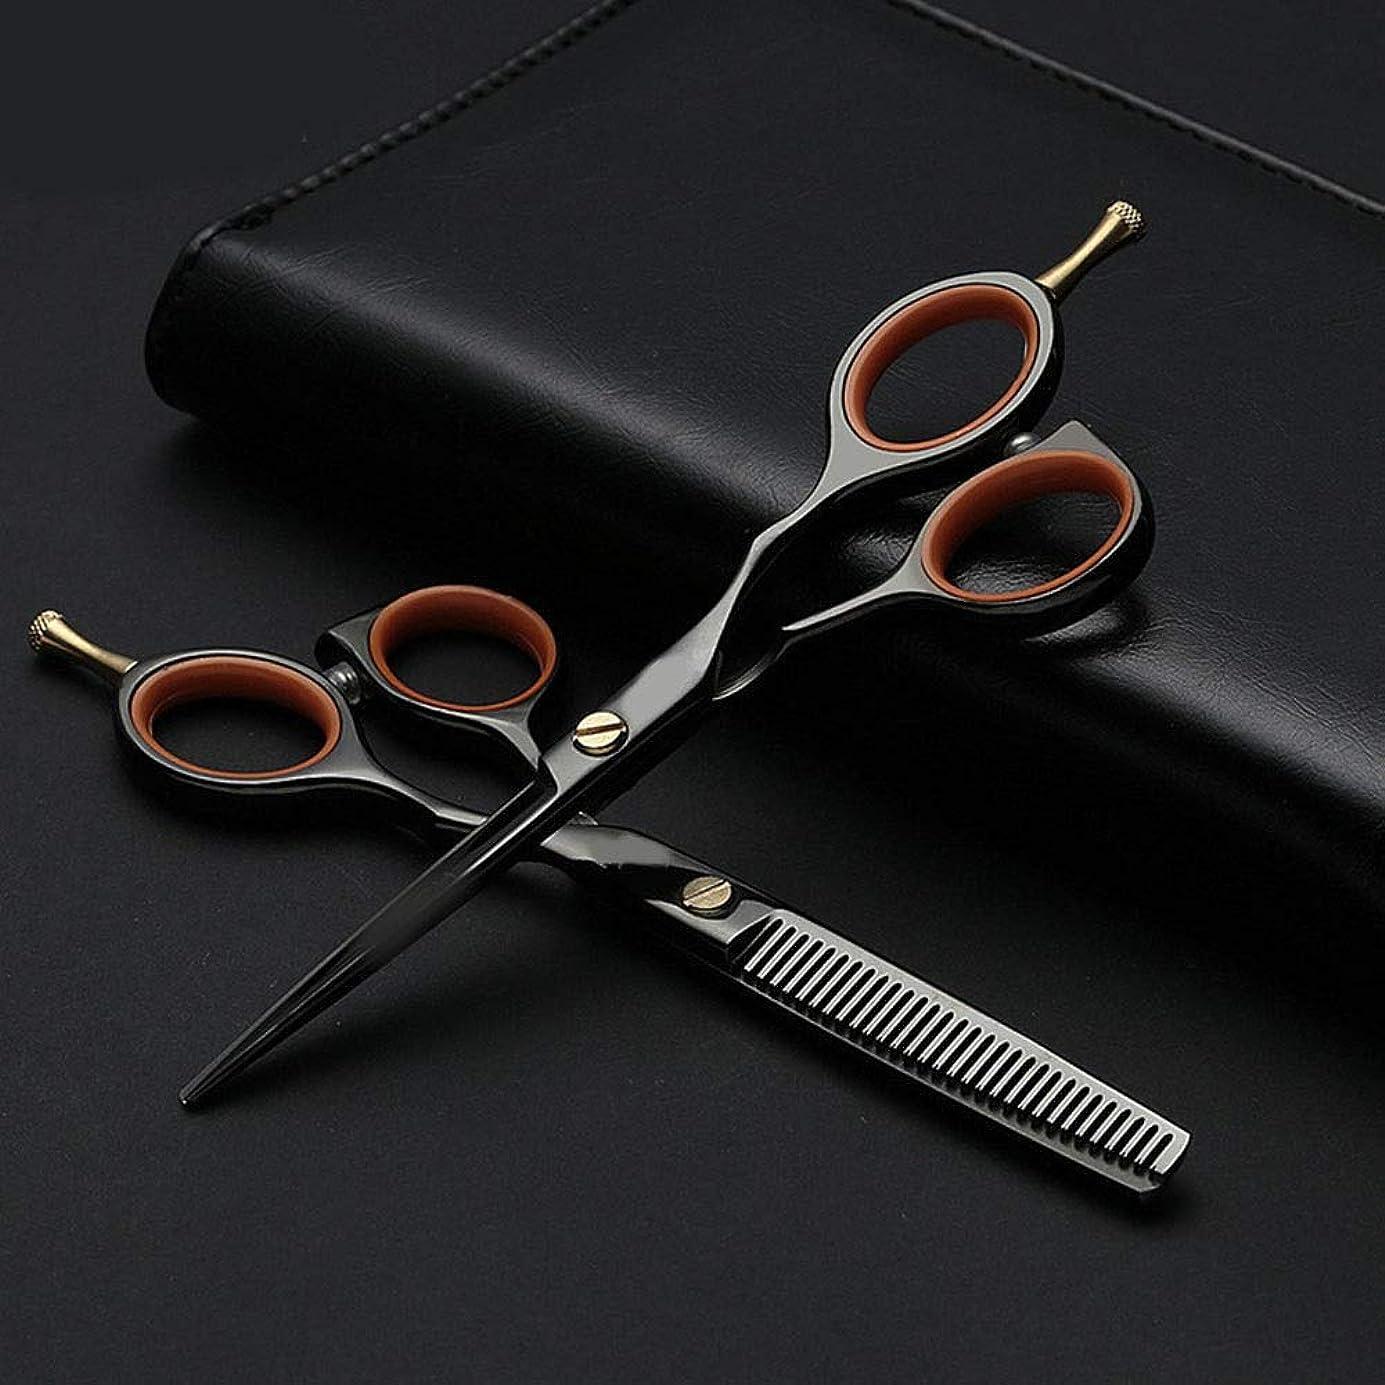 葉を集める瀬戸際巻き取り理髪用はさみ 5.5インチプロフェッショナル理髪セット、フラット+歯はさみヘアサロンセットヘアカットはさみステンレス理髪はさみ (色 : 黒)